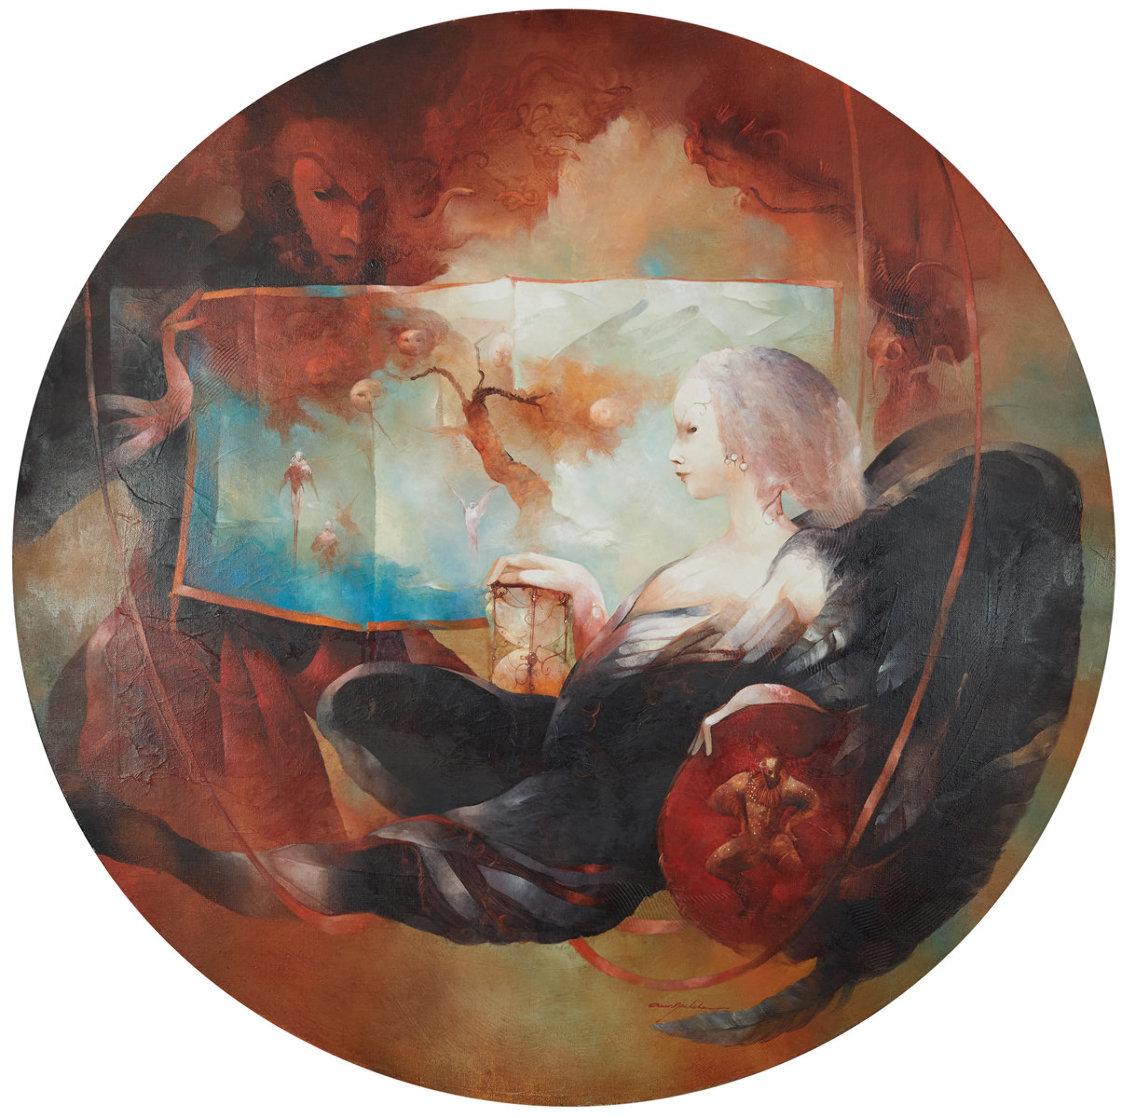 l'Ange Au Sablier 2004 43x43 Huge Original Painting by Anne Bachelier